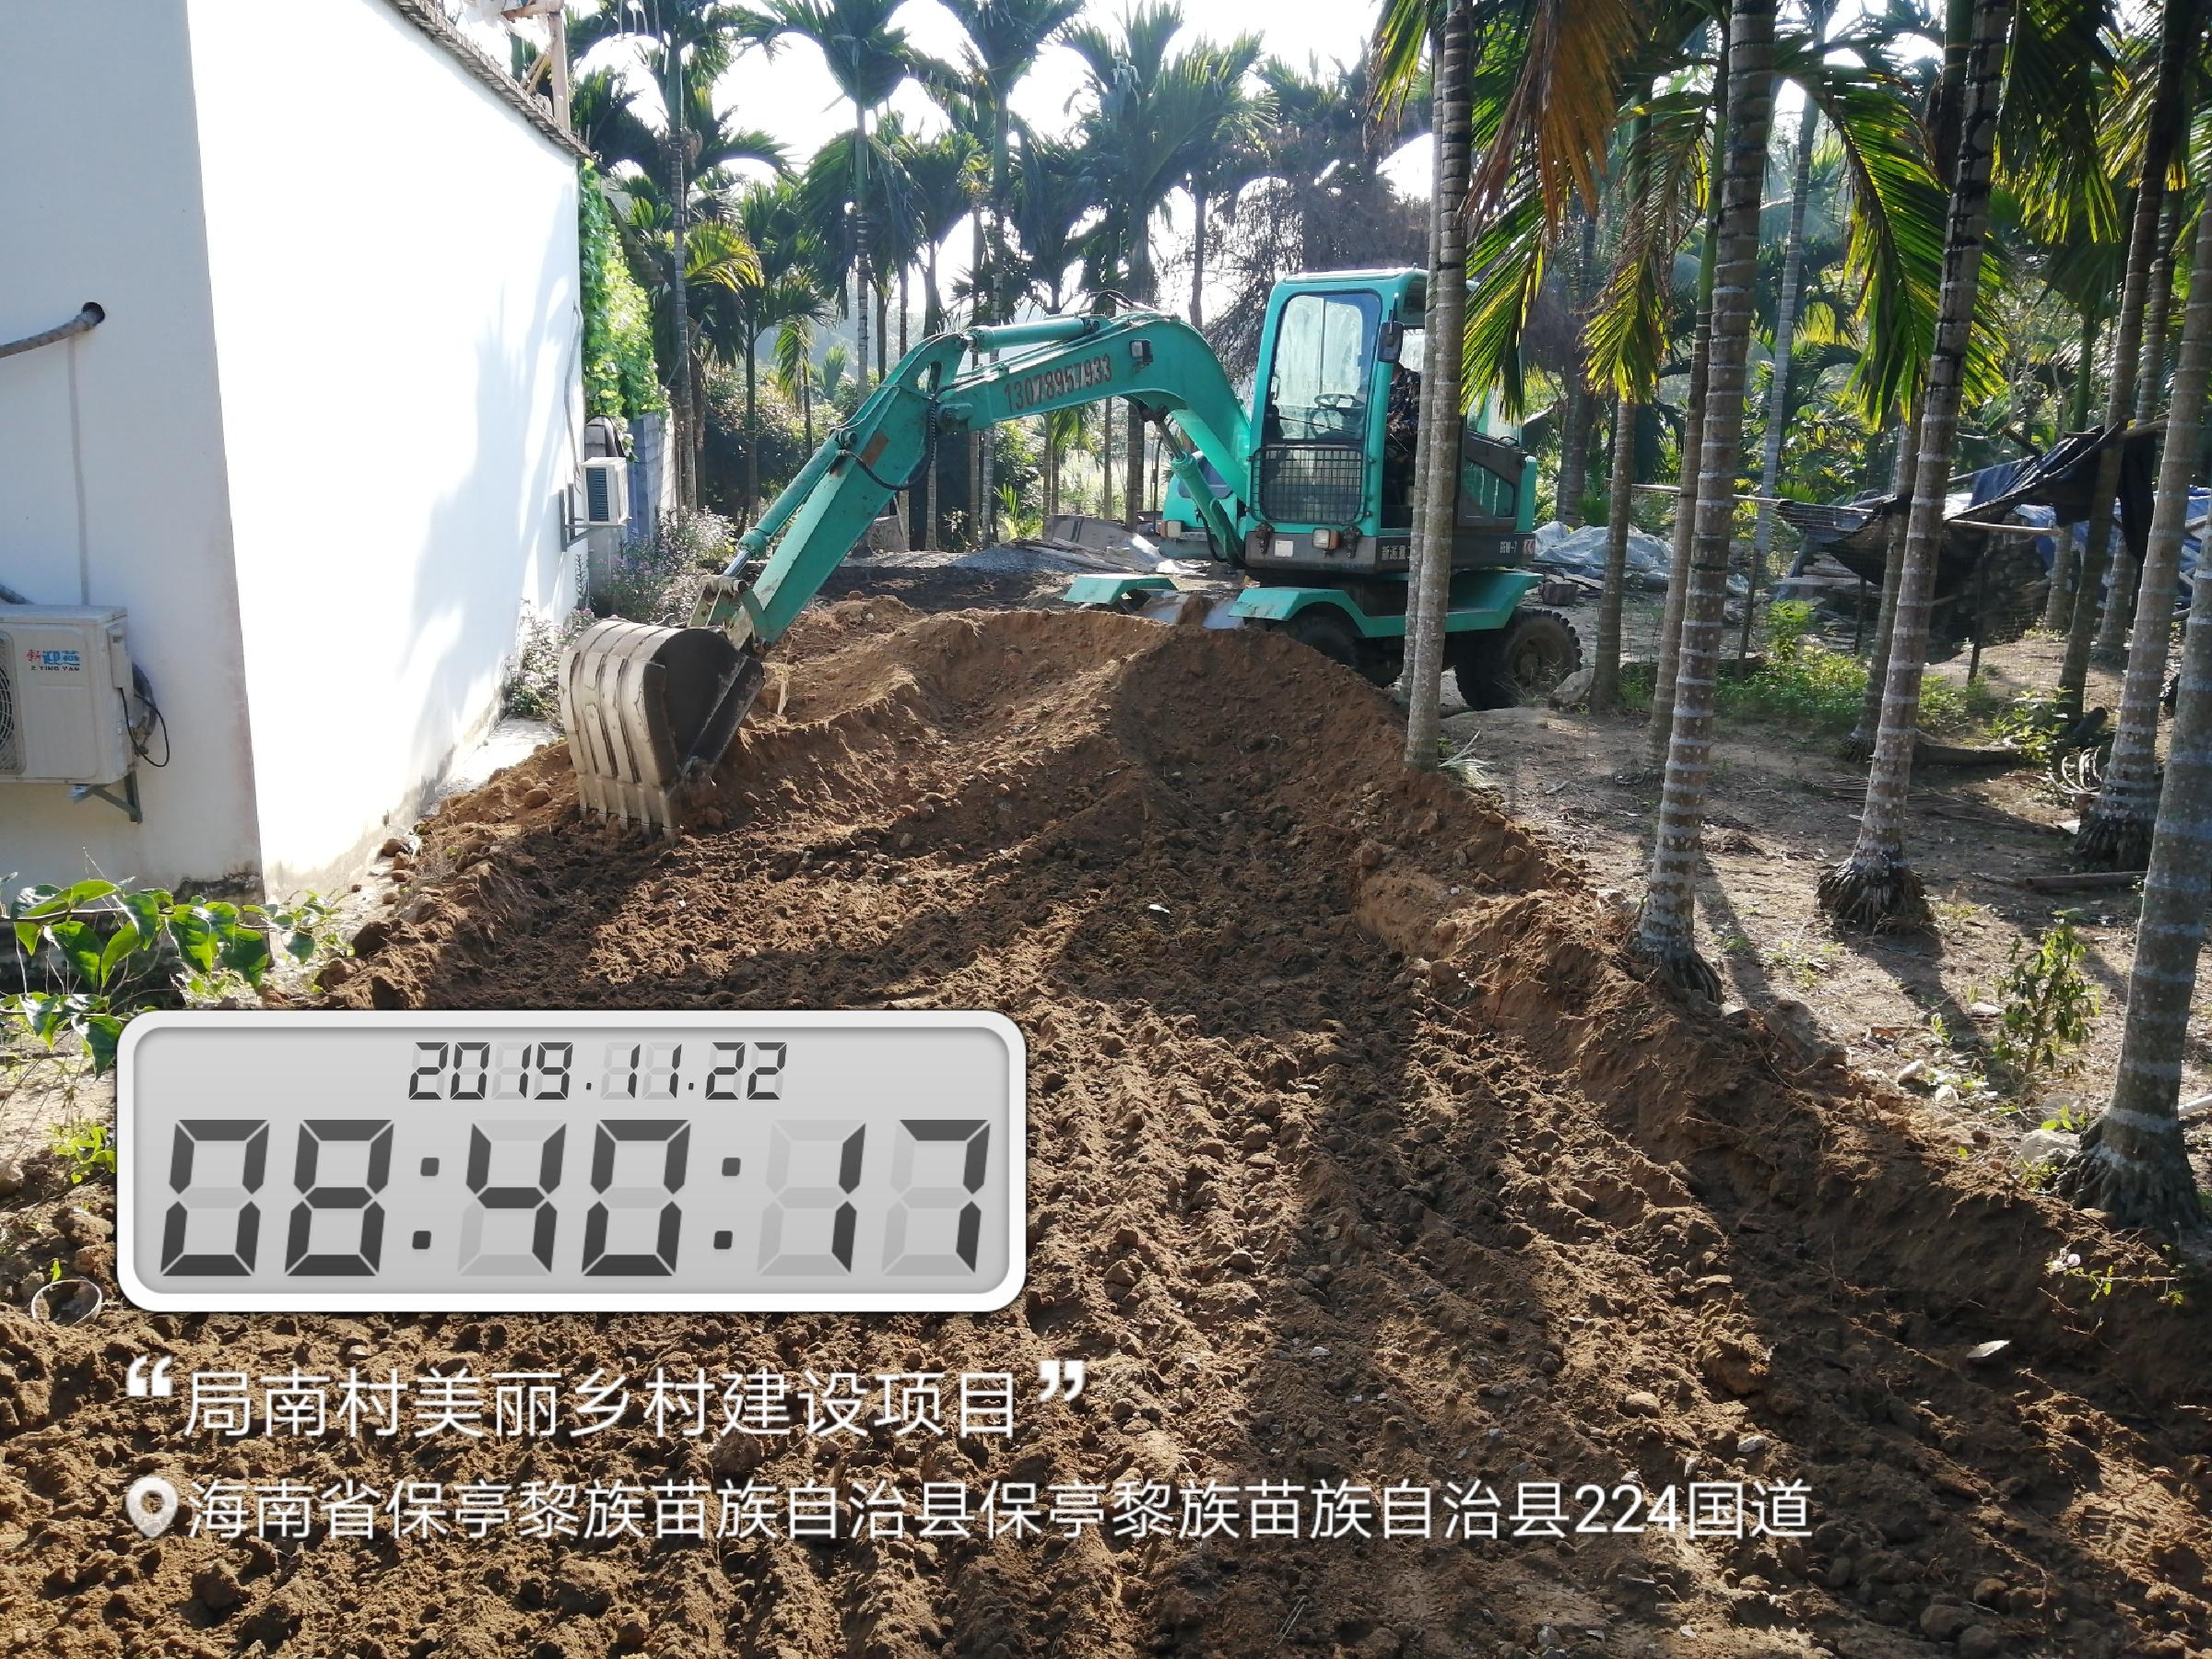 保亭局南村环境整治工程-7